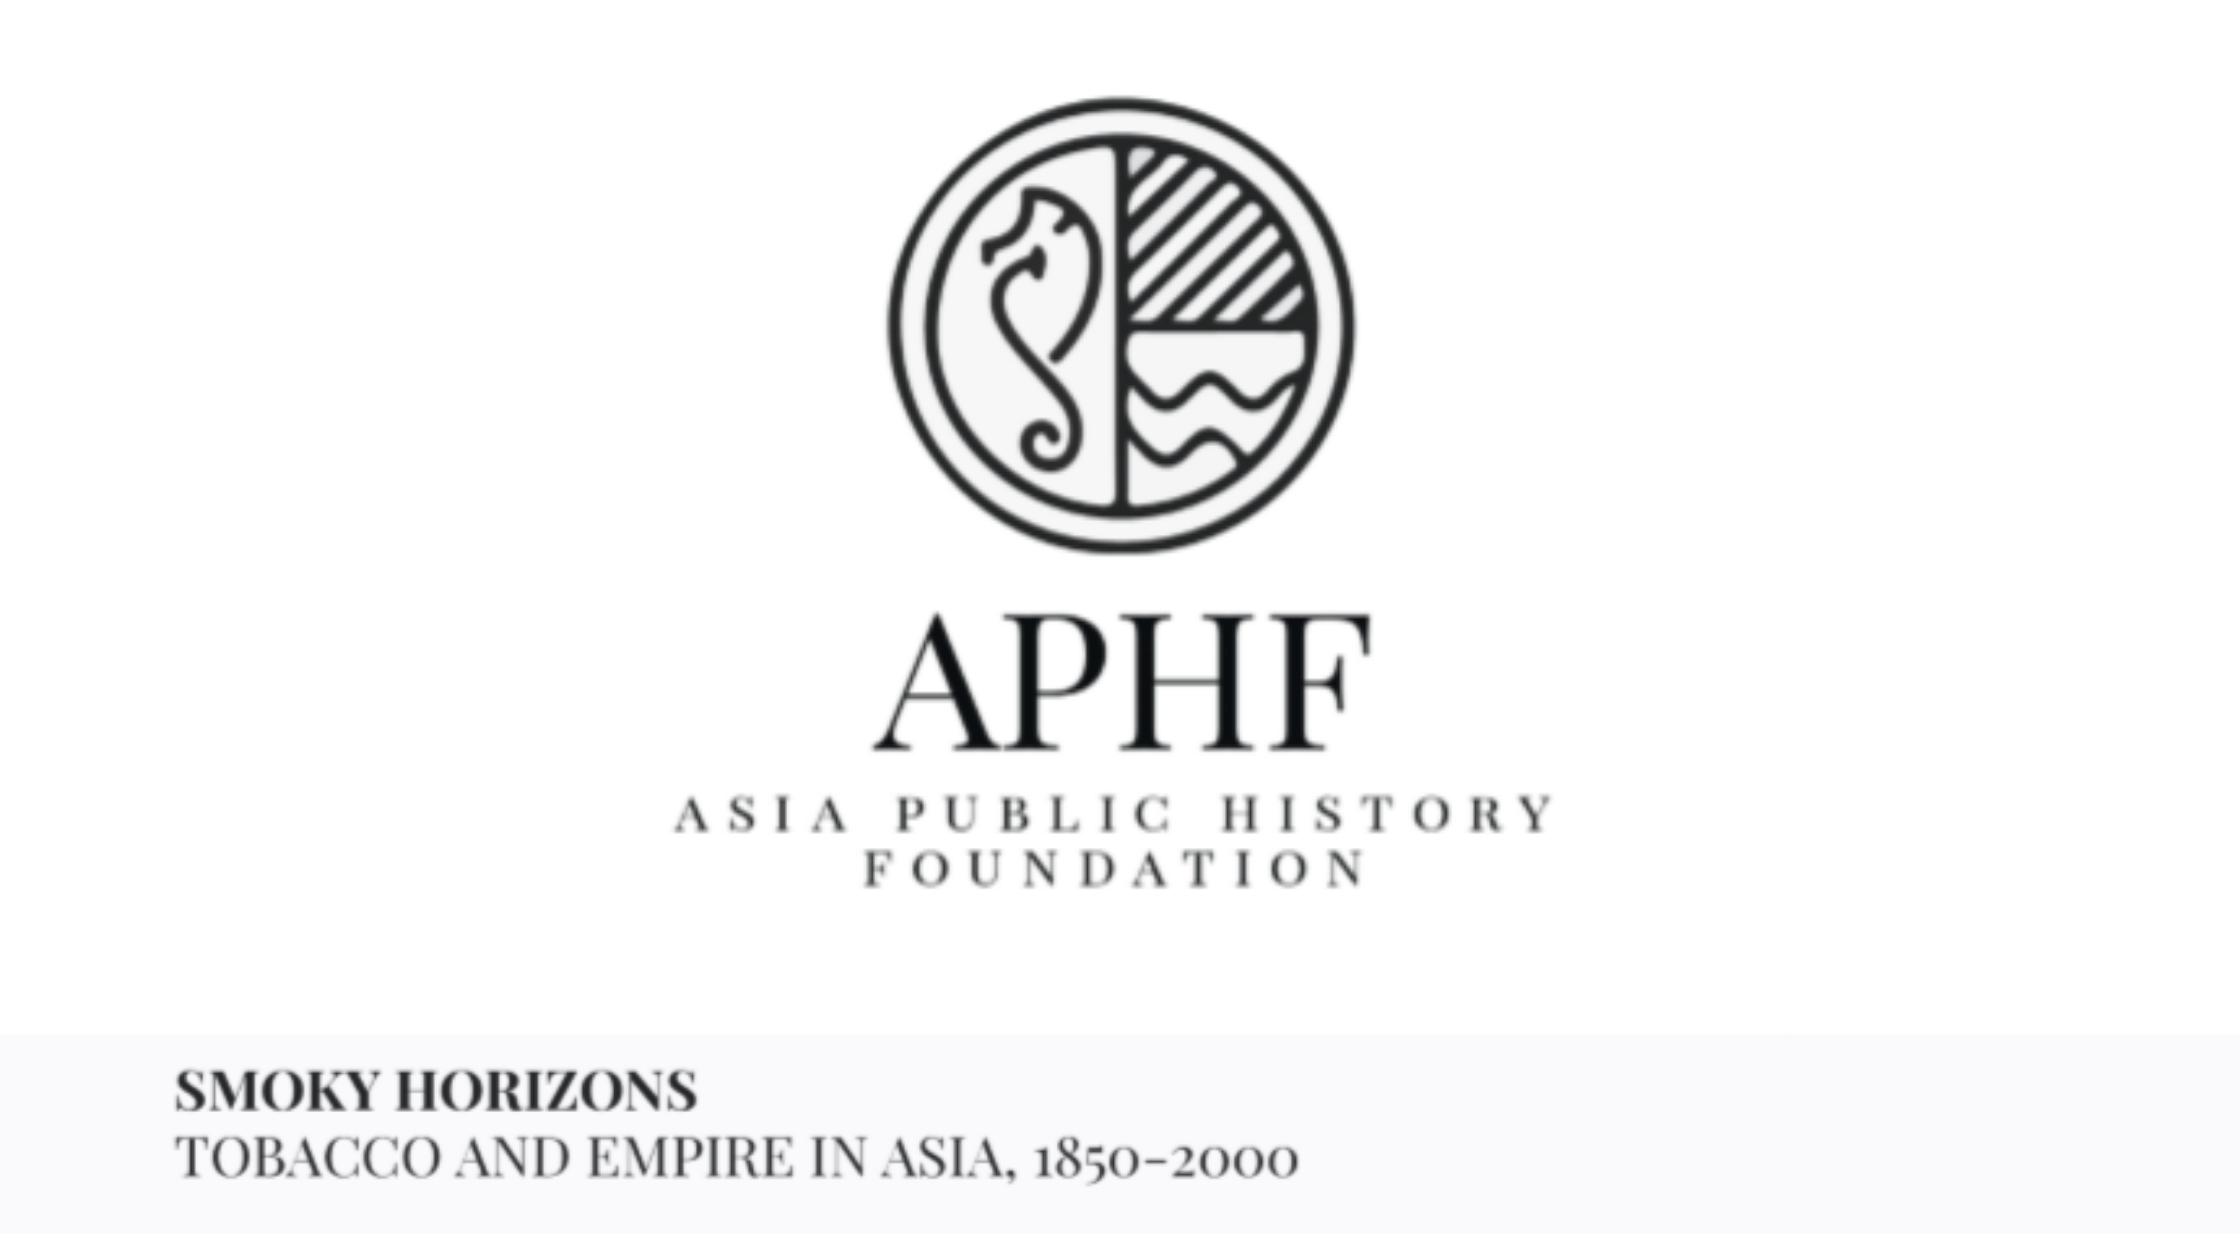 آفاق تغطيها الأدخنة: التبغ والإمبراطورية في آسيا ، 1850 - 2000